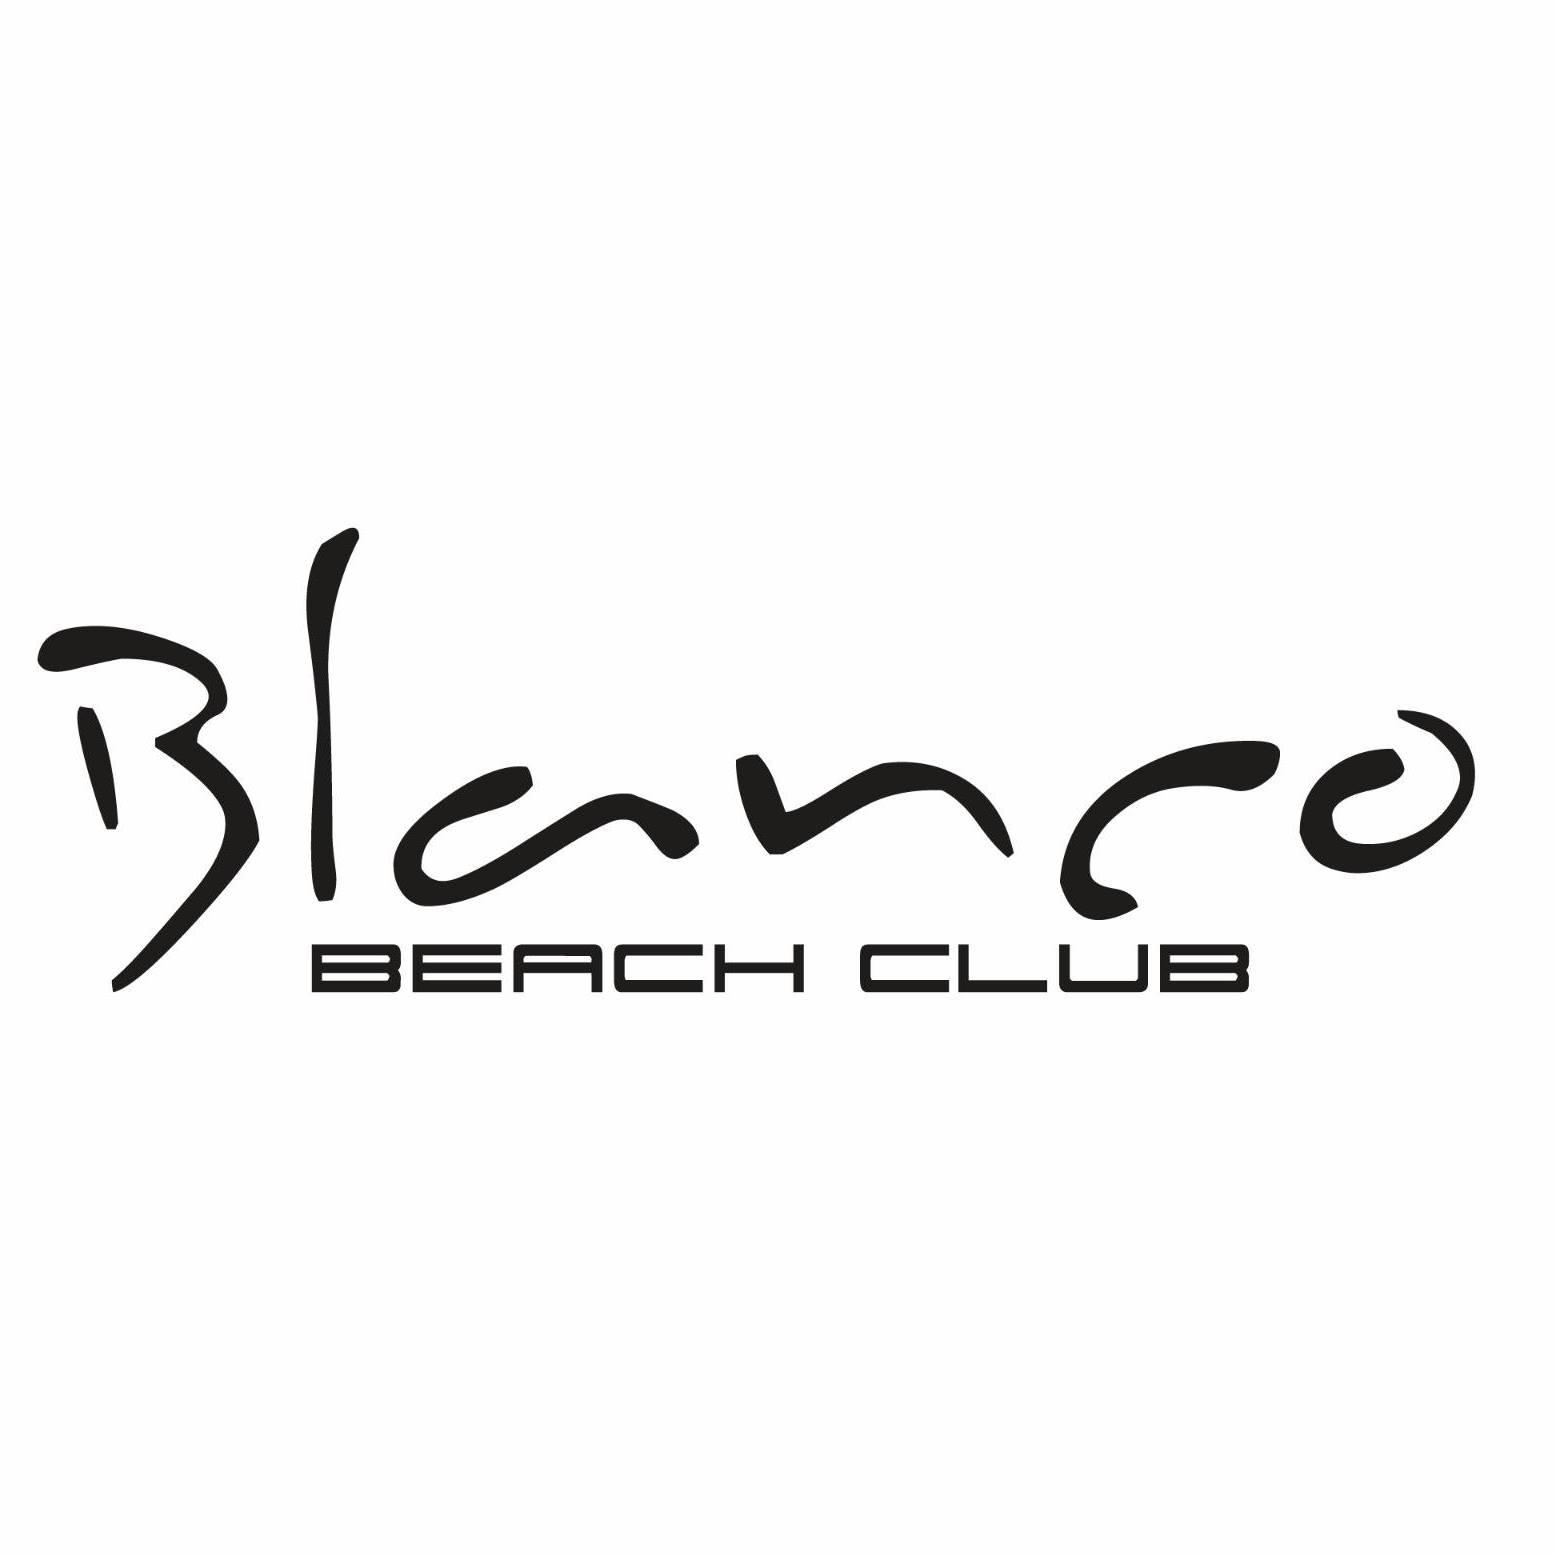 Discoteca Blanco Beach Club Firenze